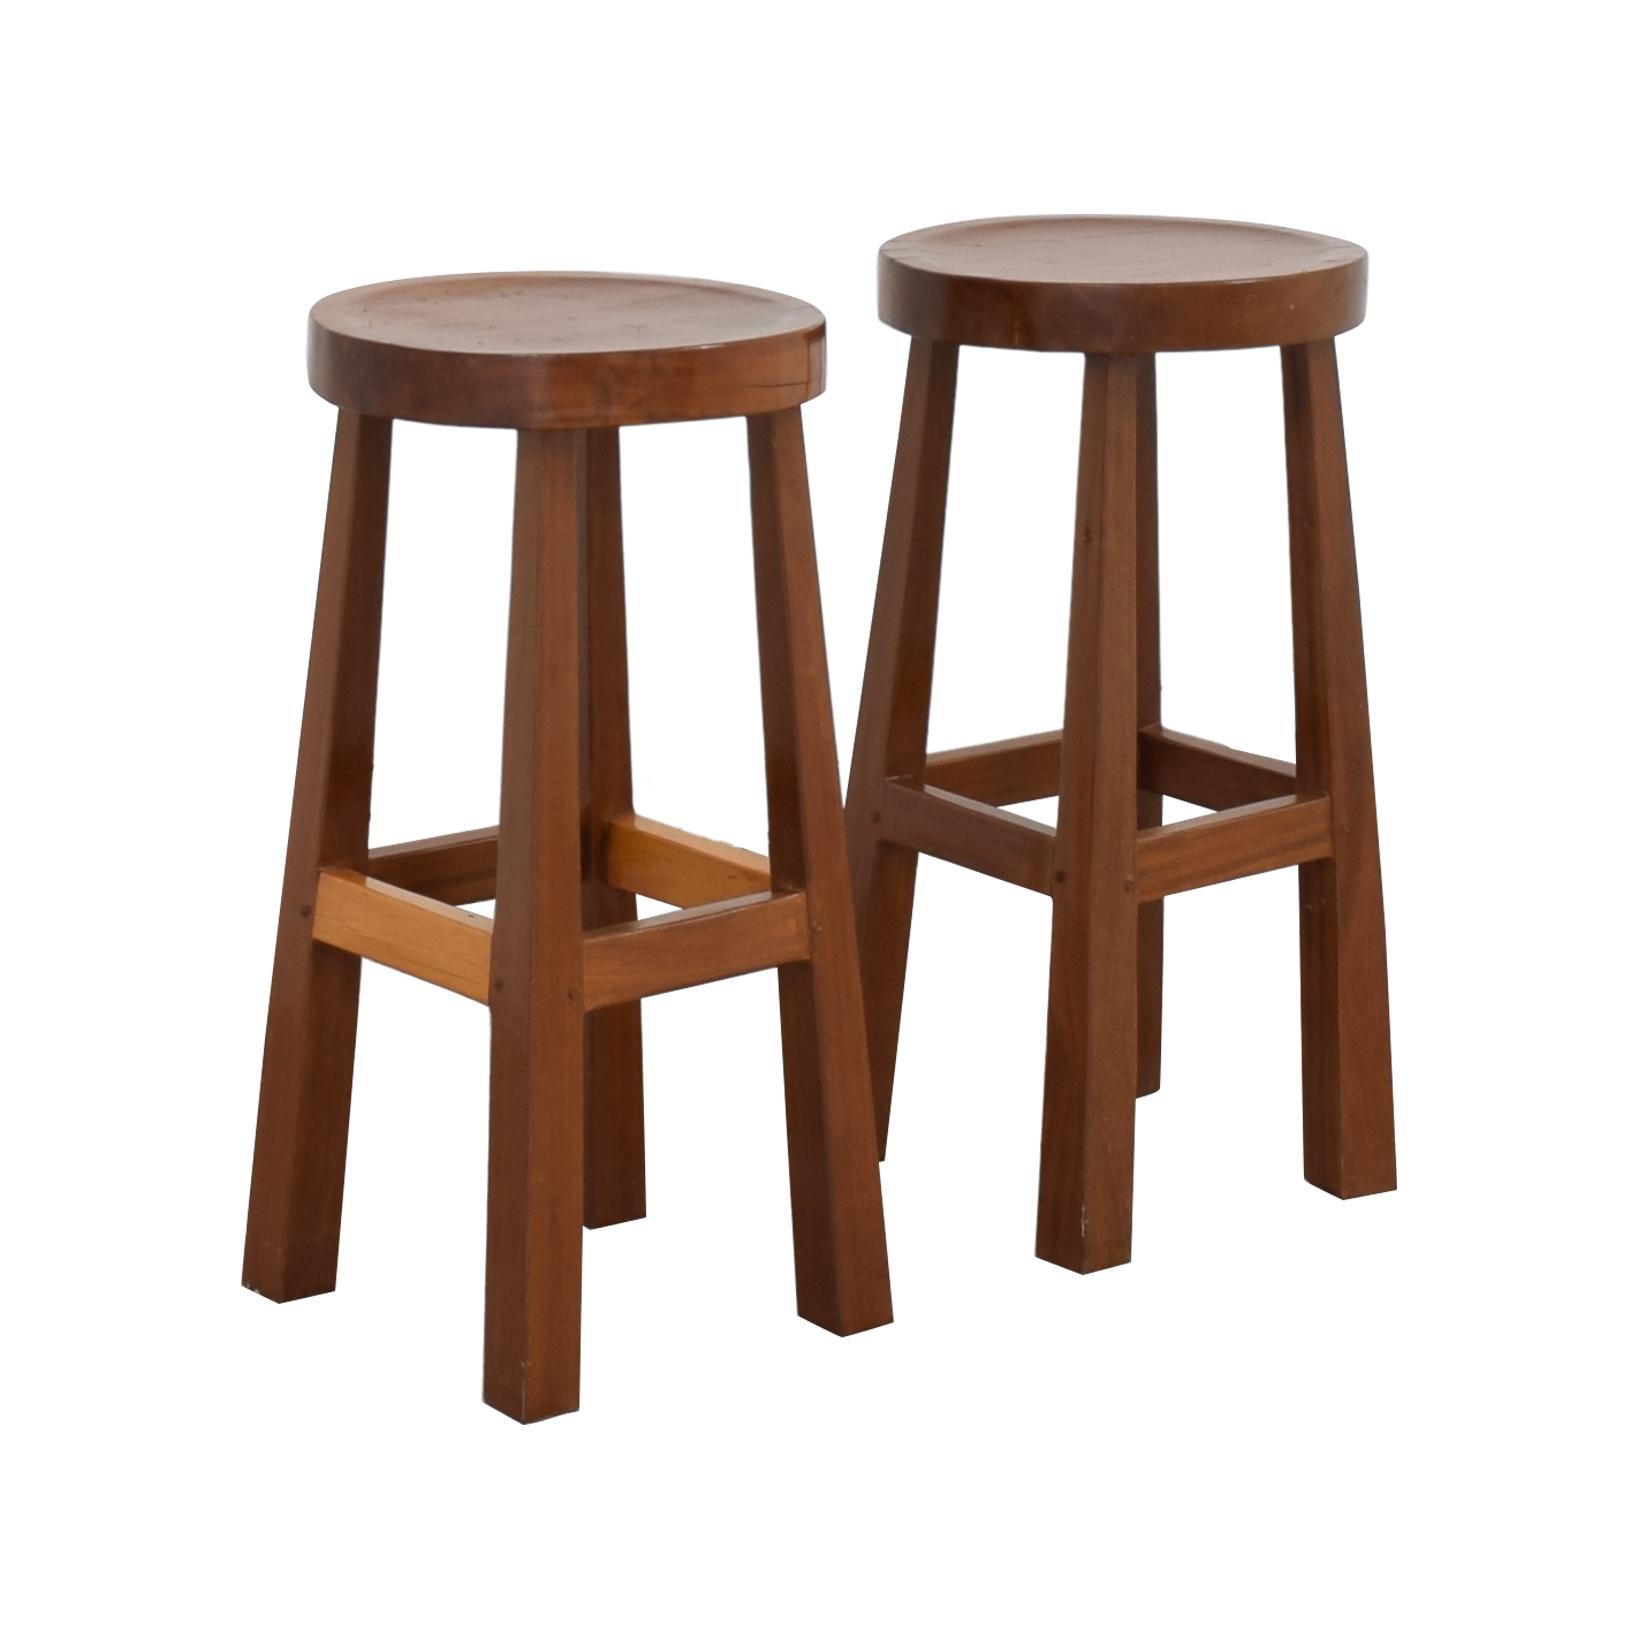 Mission Style Wood Bar Stools on sale